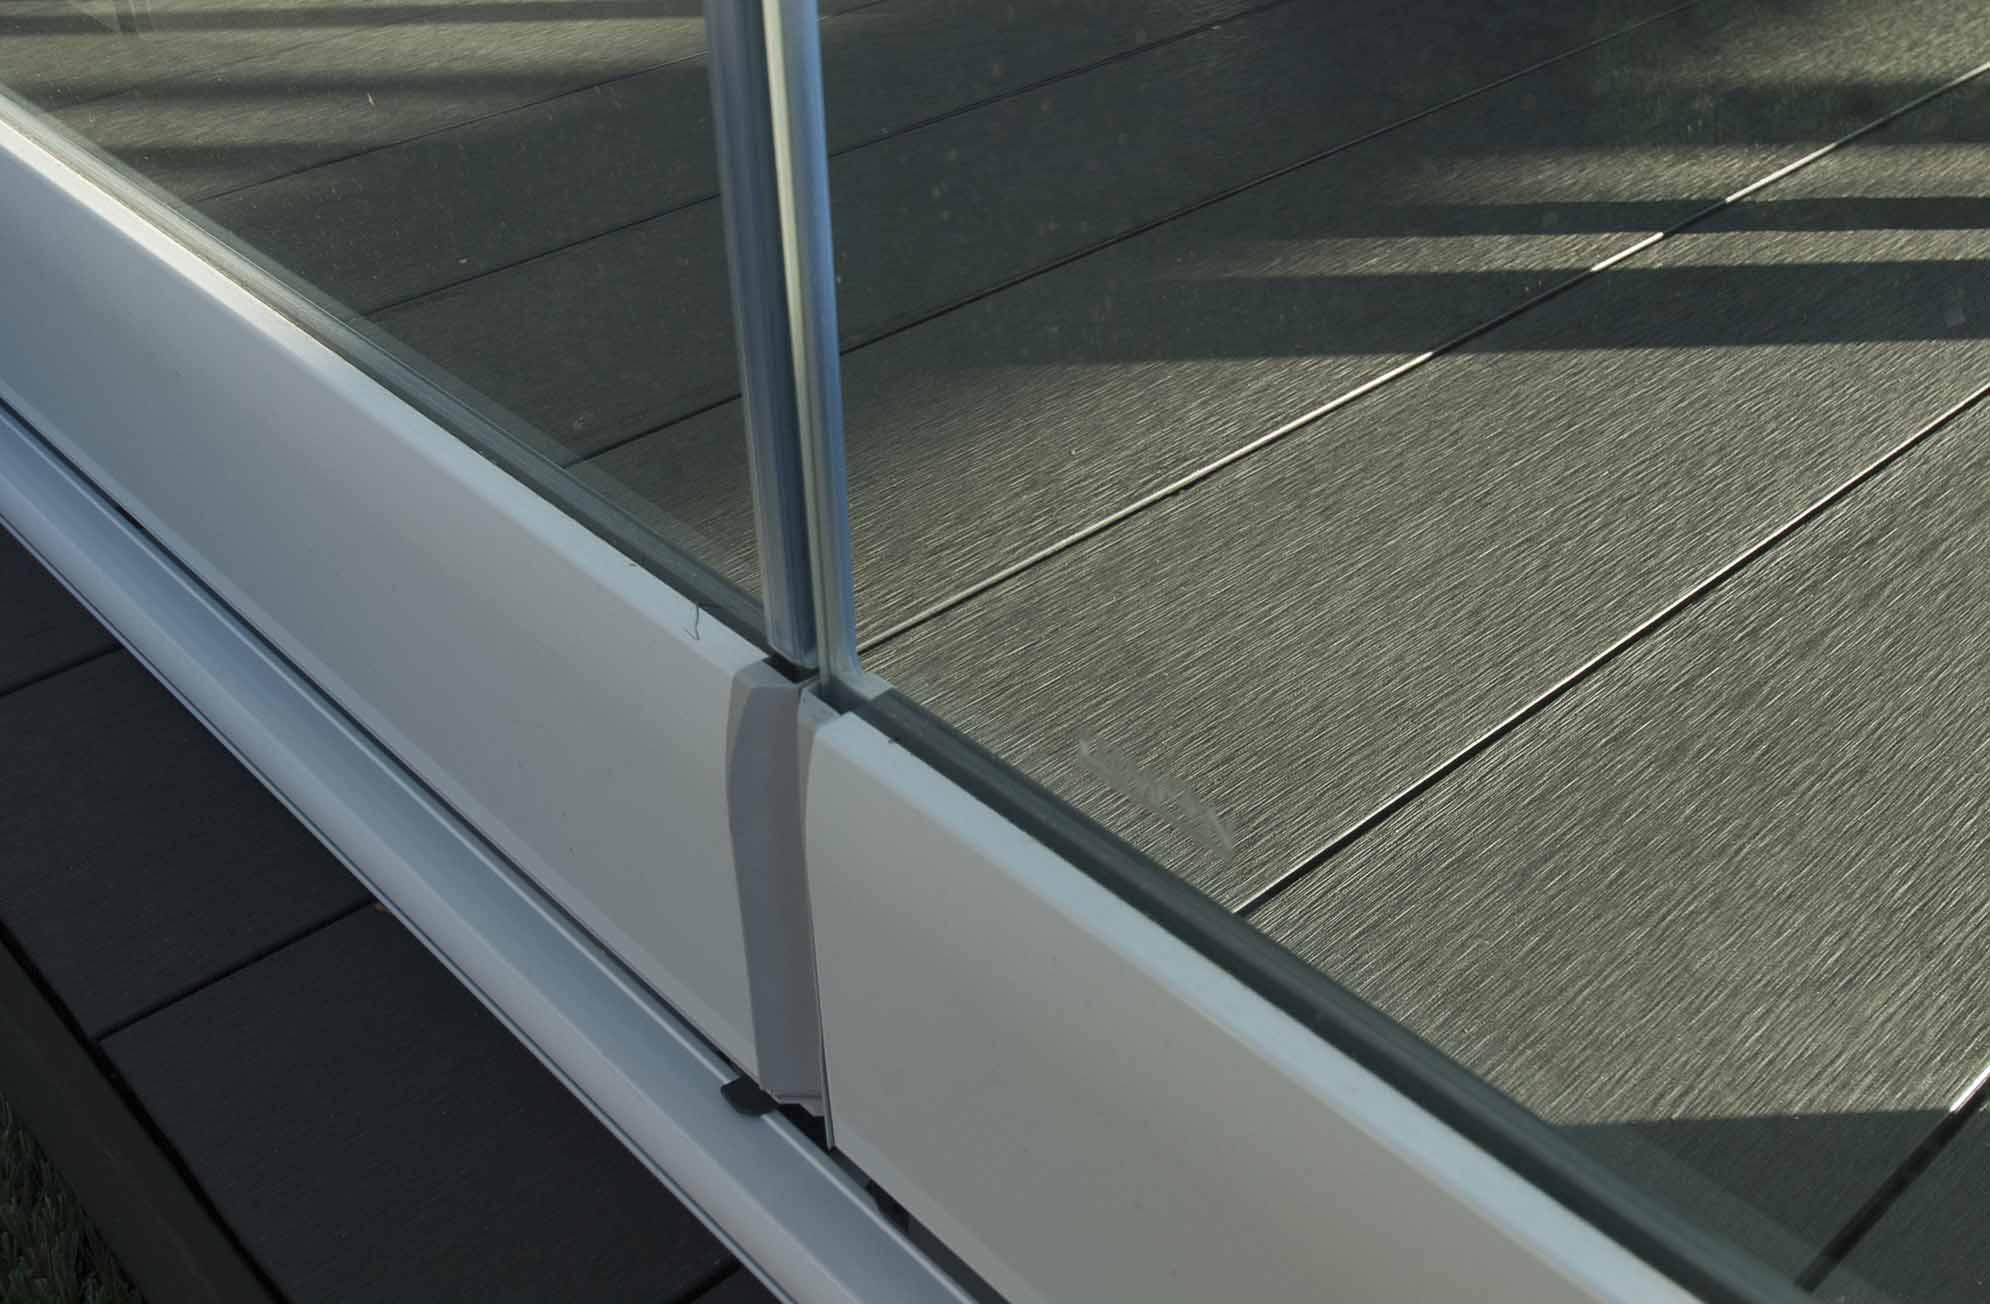 Tarima del porche acristalado en terraza de ático